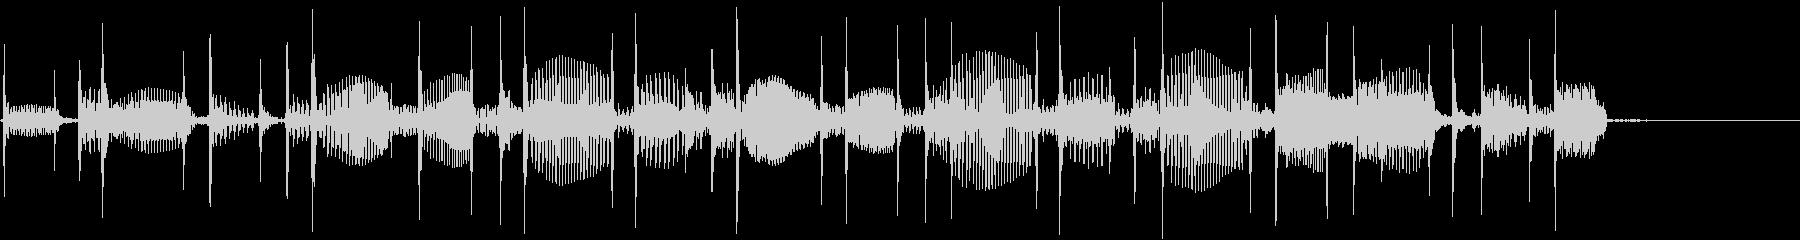 エレクトリックベース:スラップアク...の未再生の波形